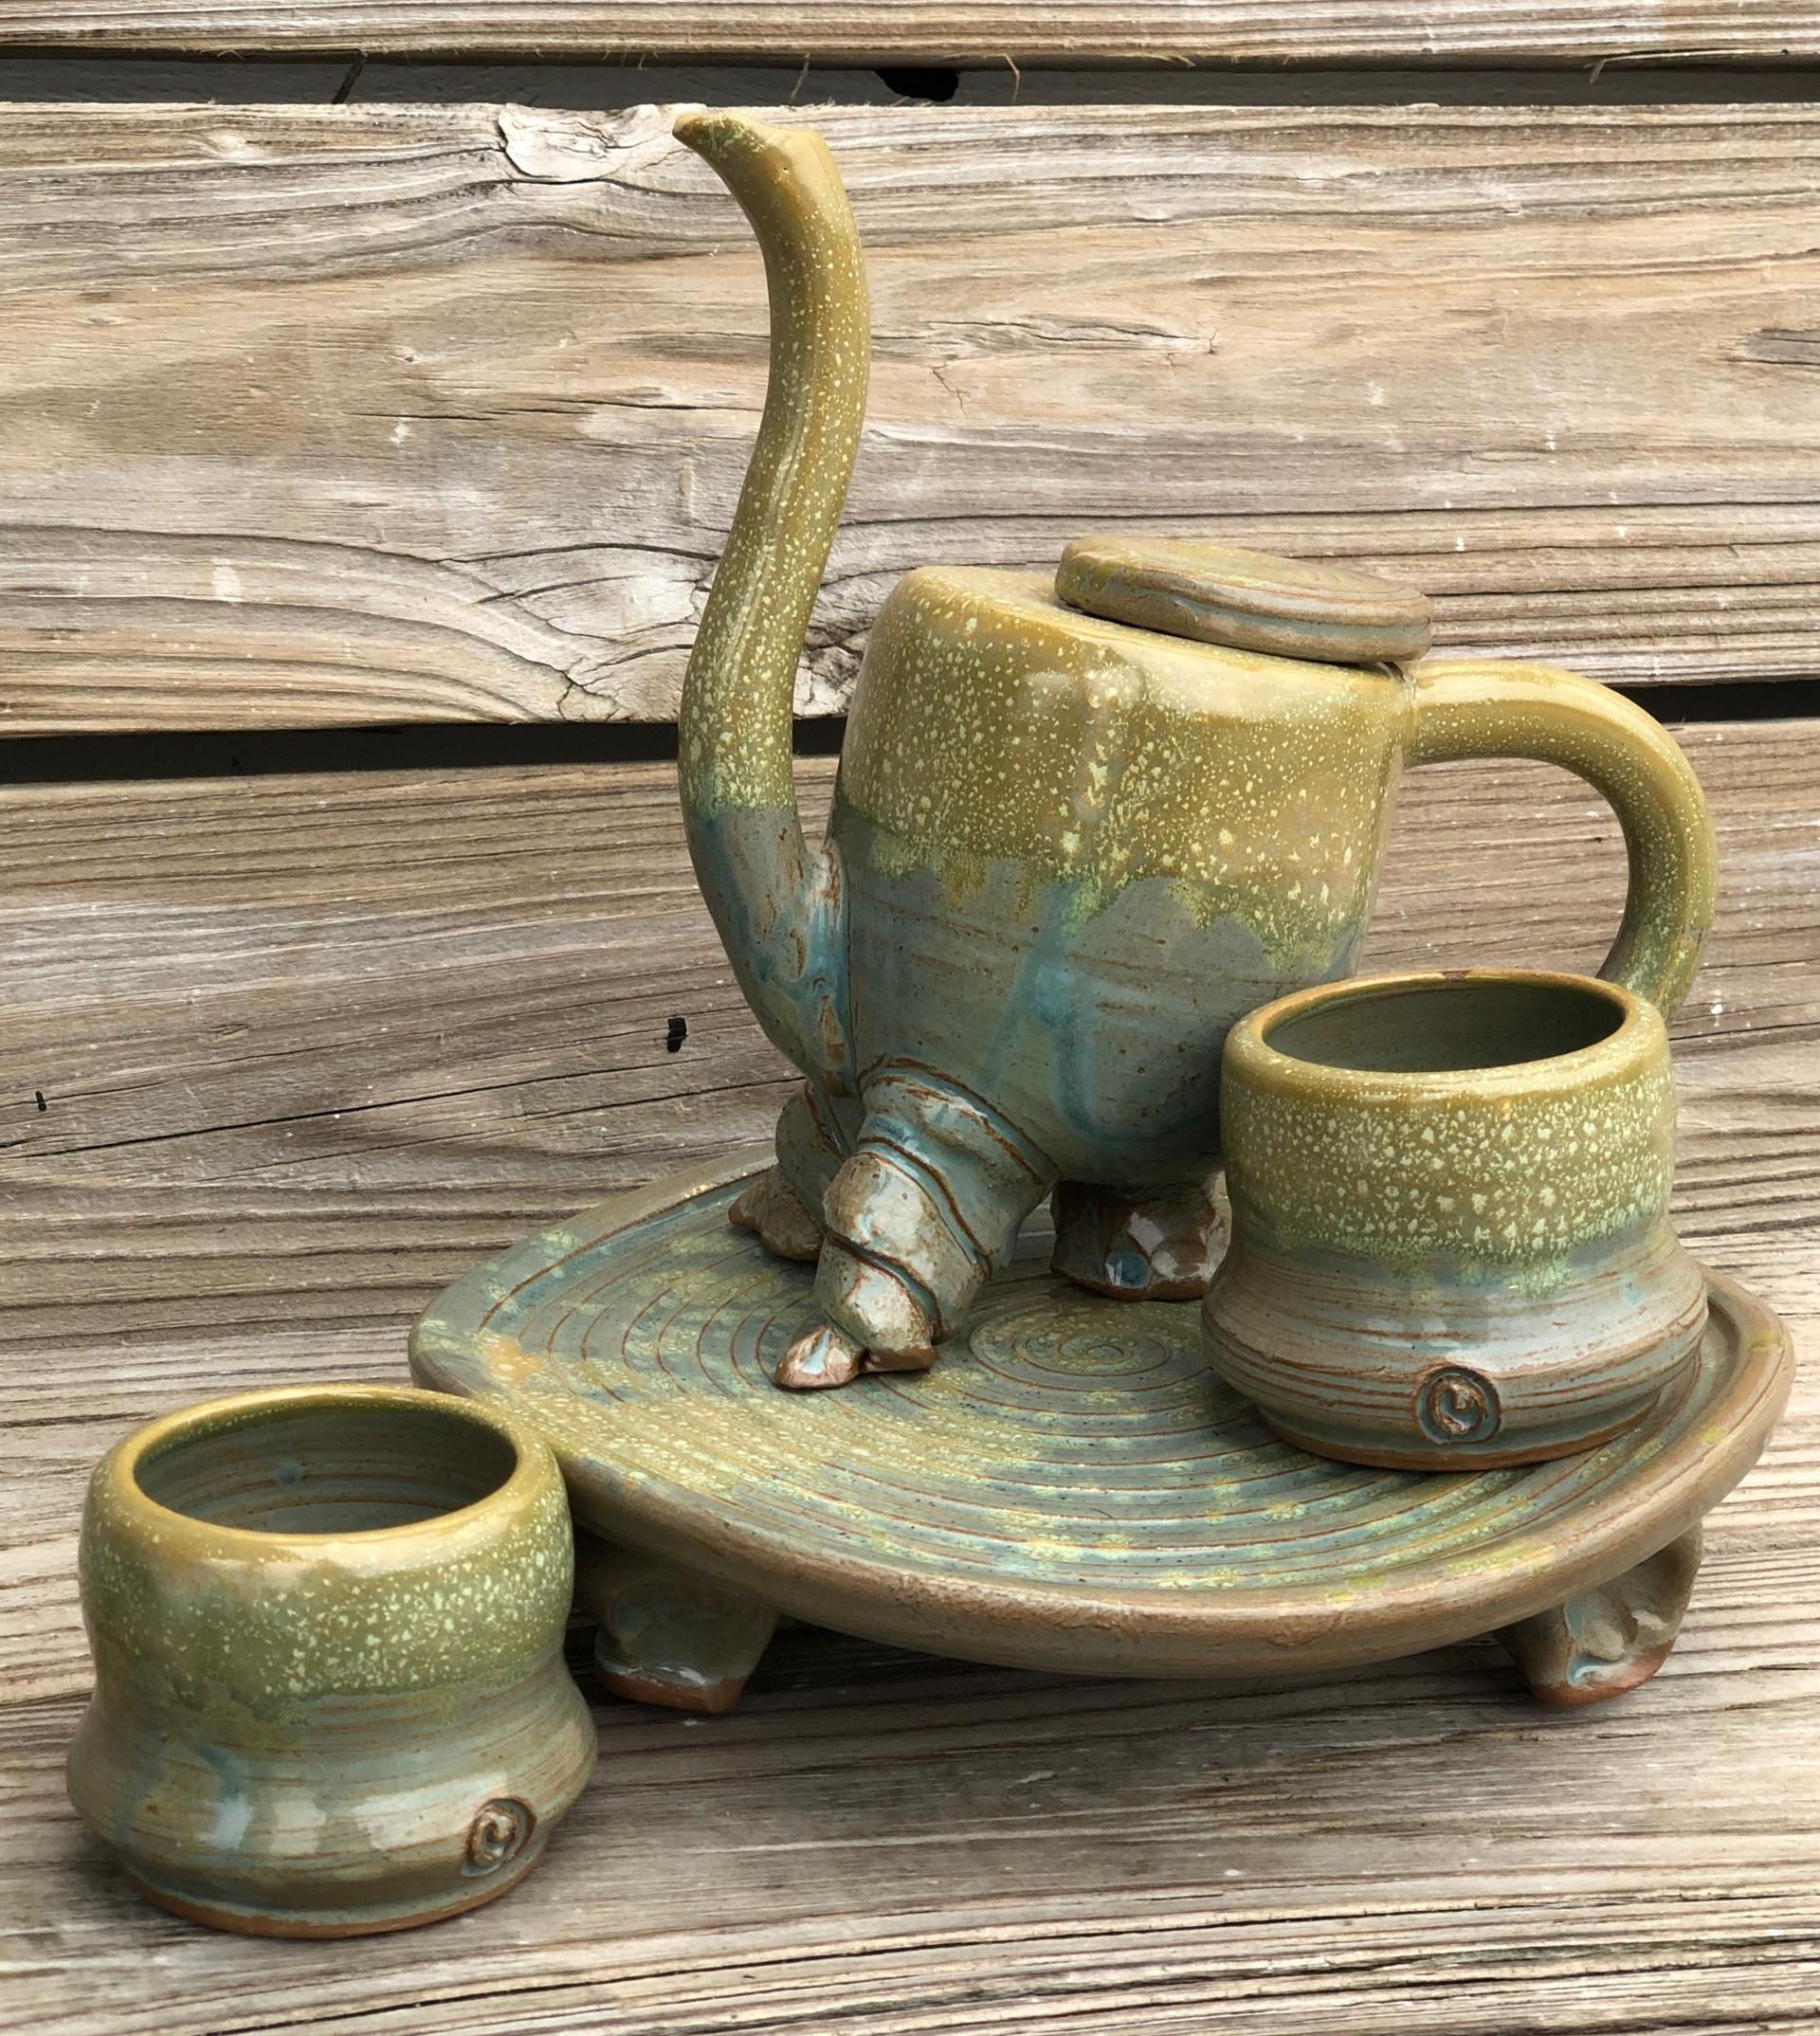 Dancing Tea Pot, mugs and stand by Jim Jones